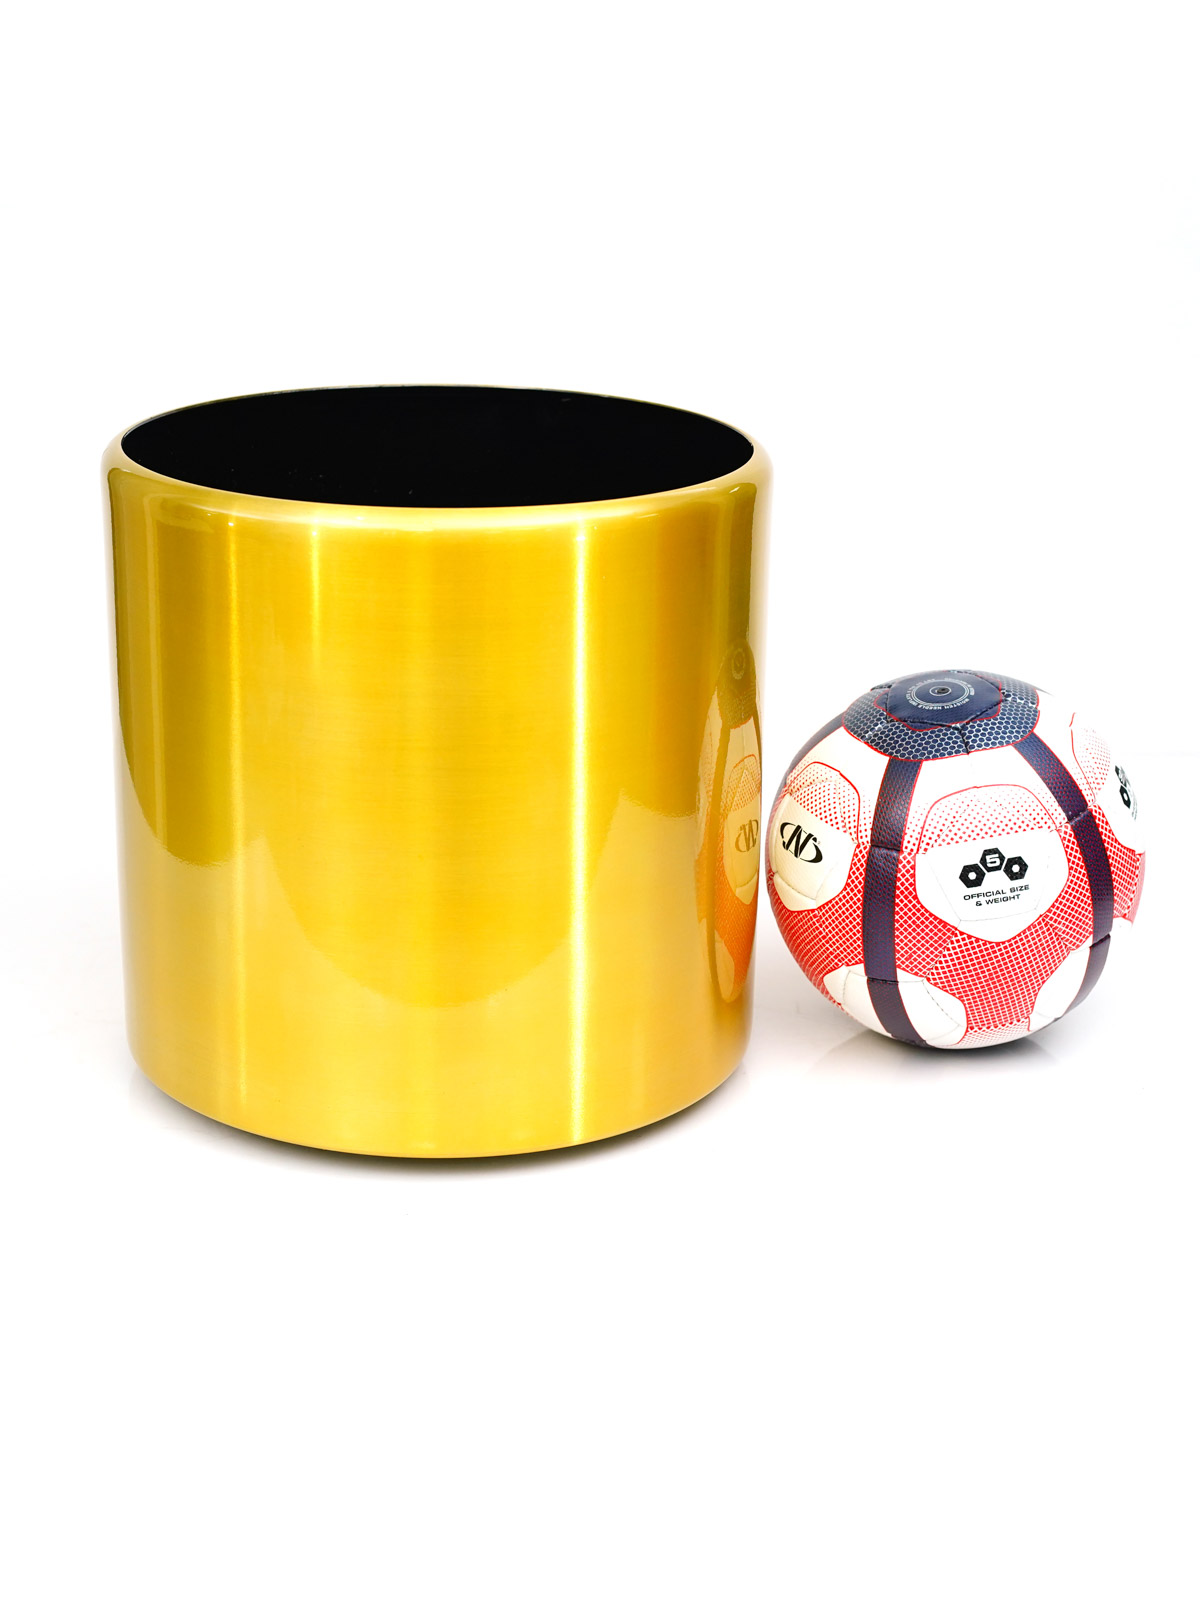 وعاء ألمنيوم مع عجلة أواني و مزهريات وعاء معدني